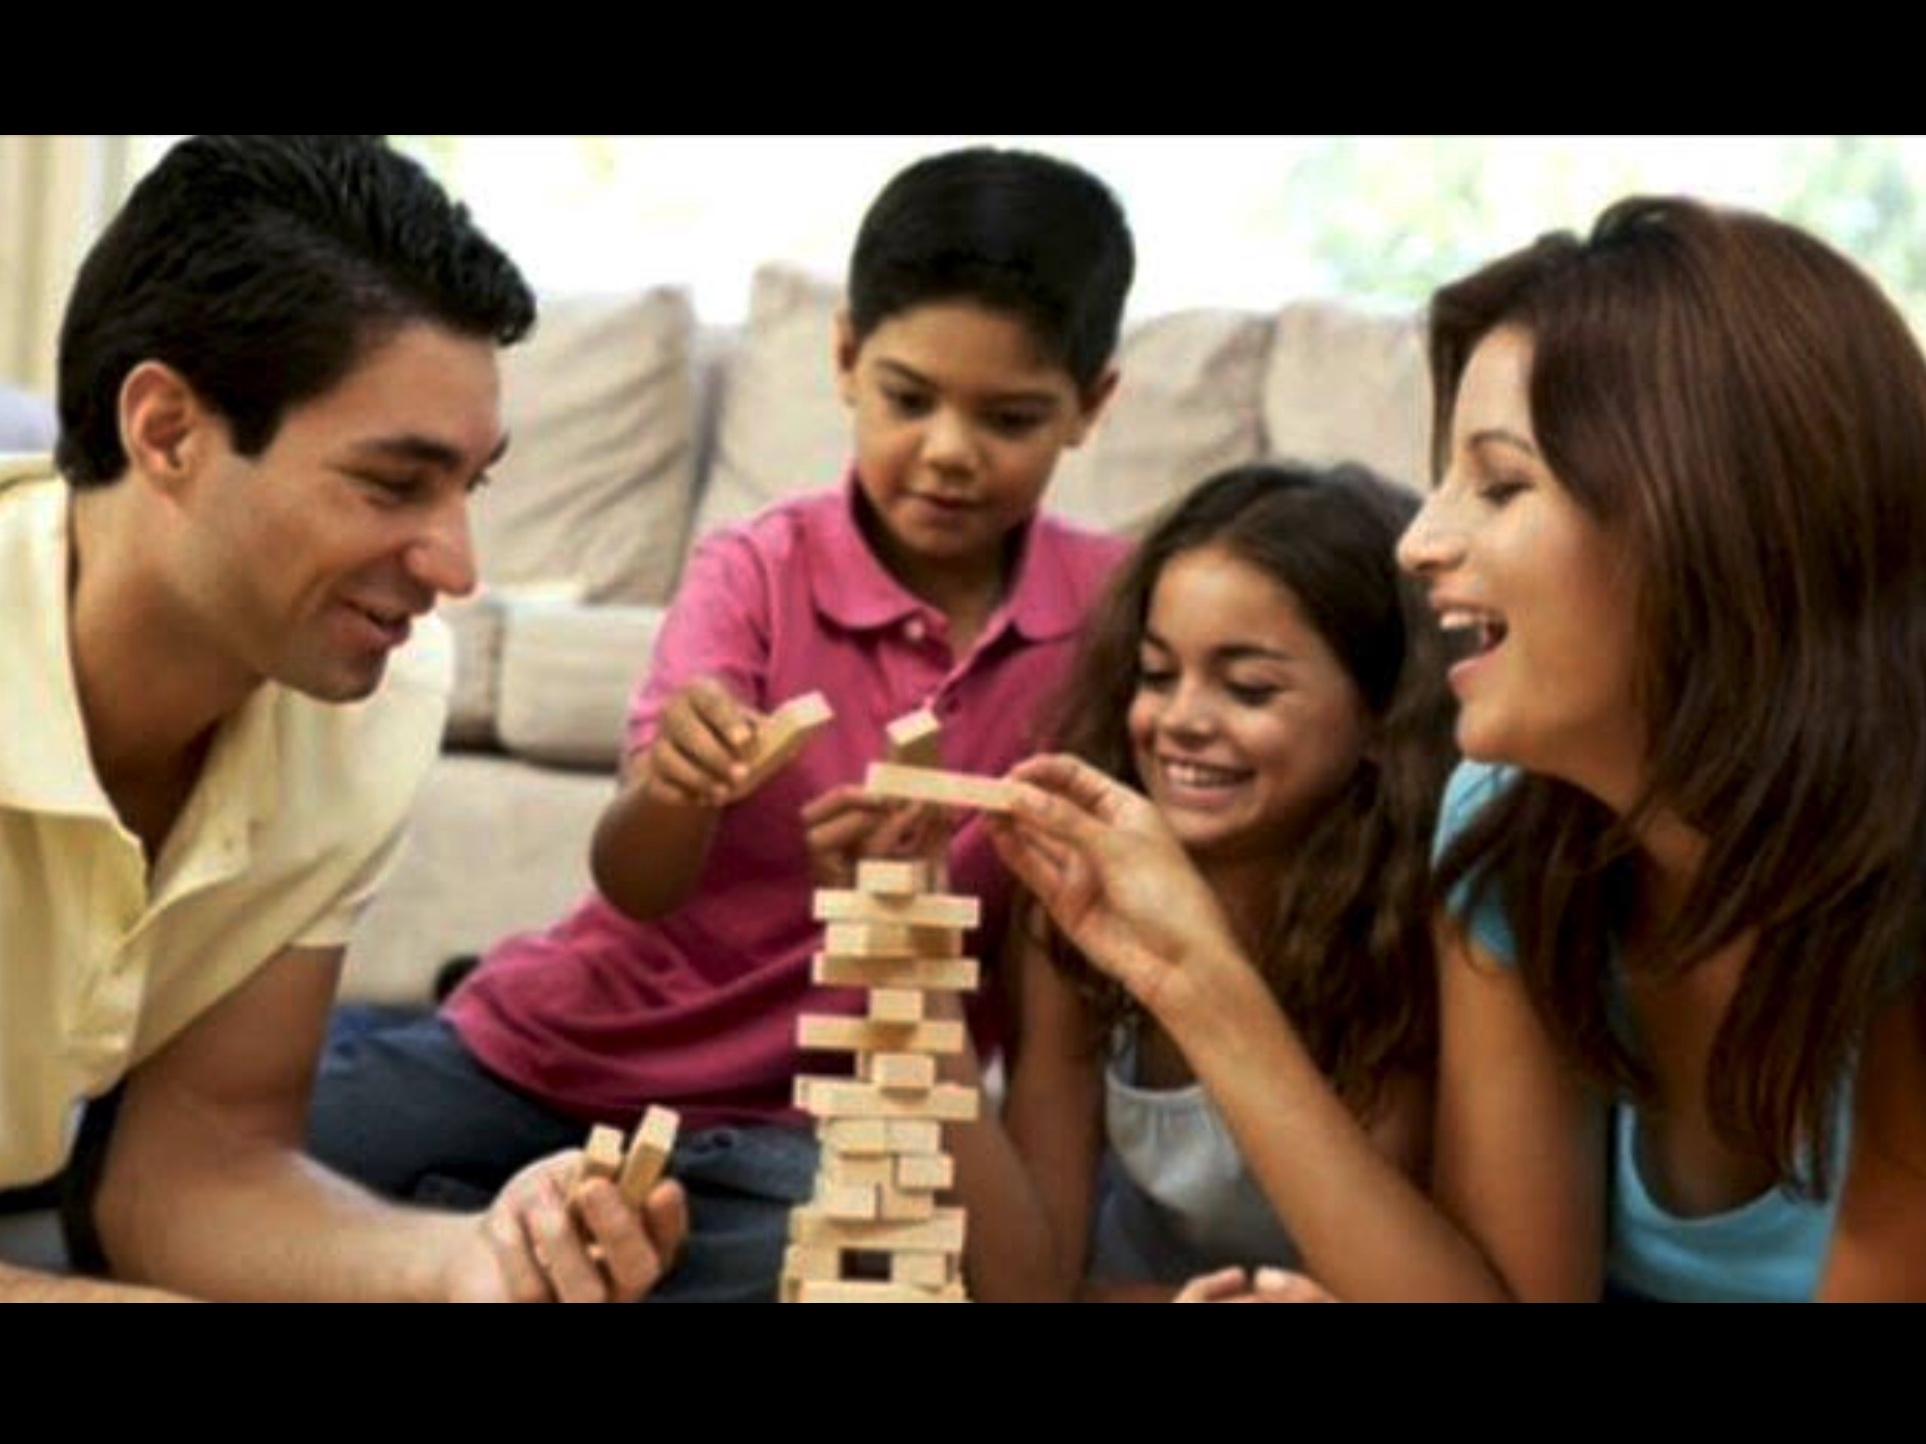 Indispensable reforzar lazos familiares durante confinamiento